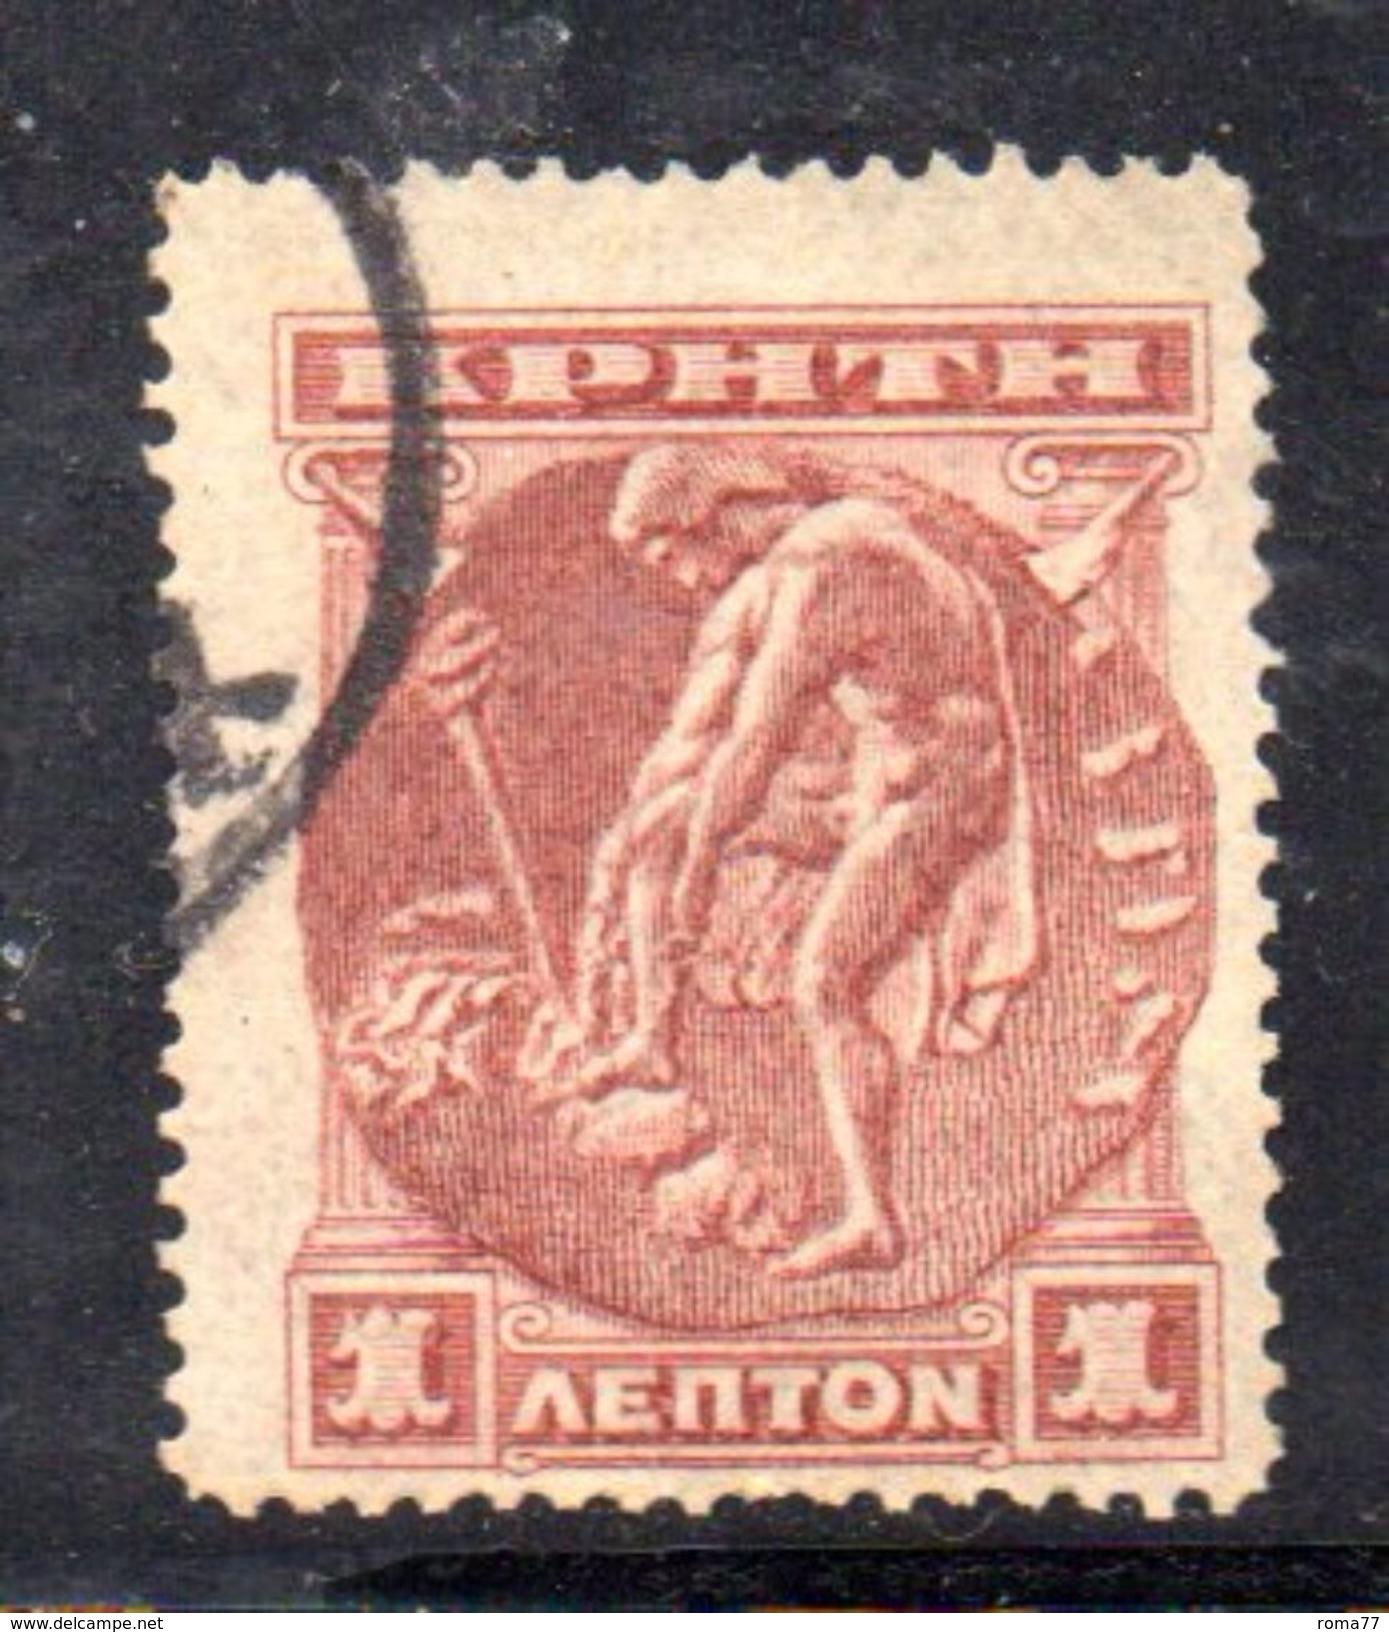 XP7 - CRETA 1900, 1 Lepton Usato - Creta